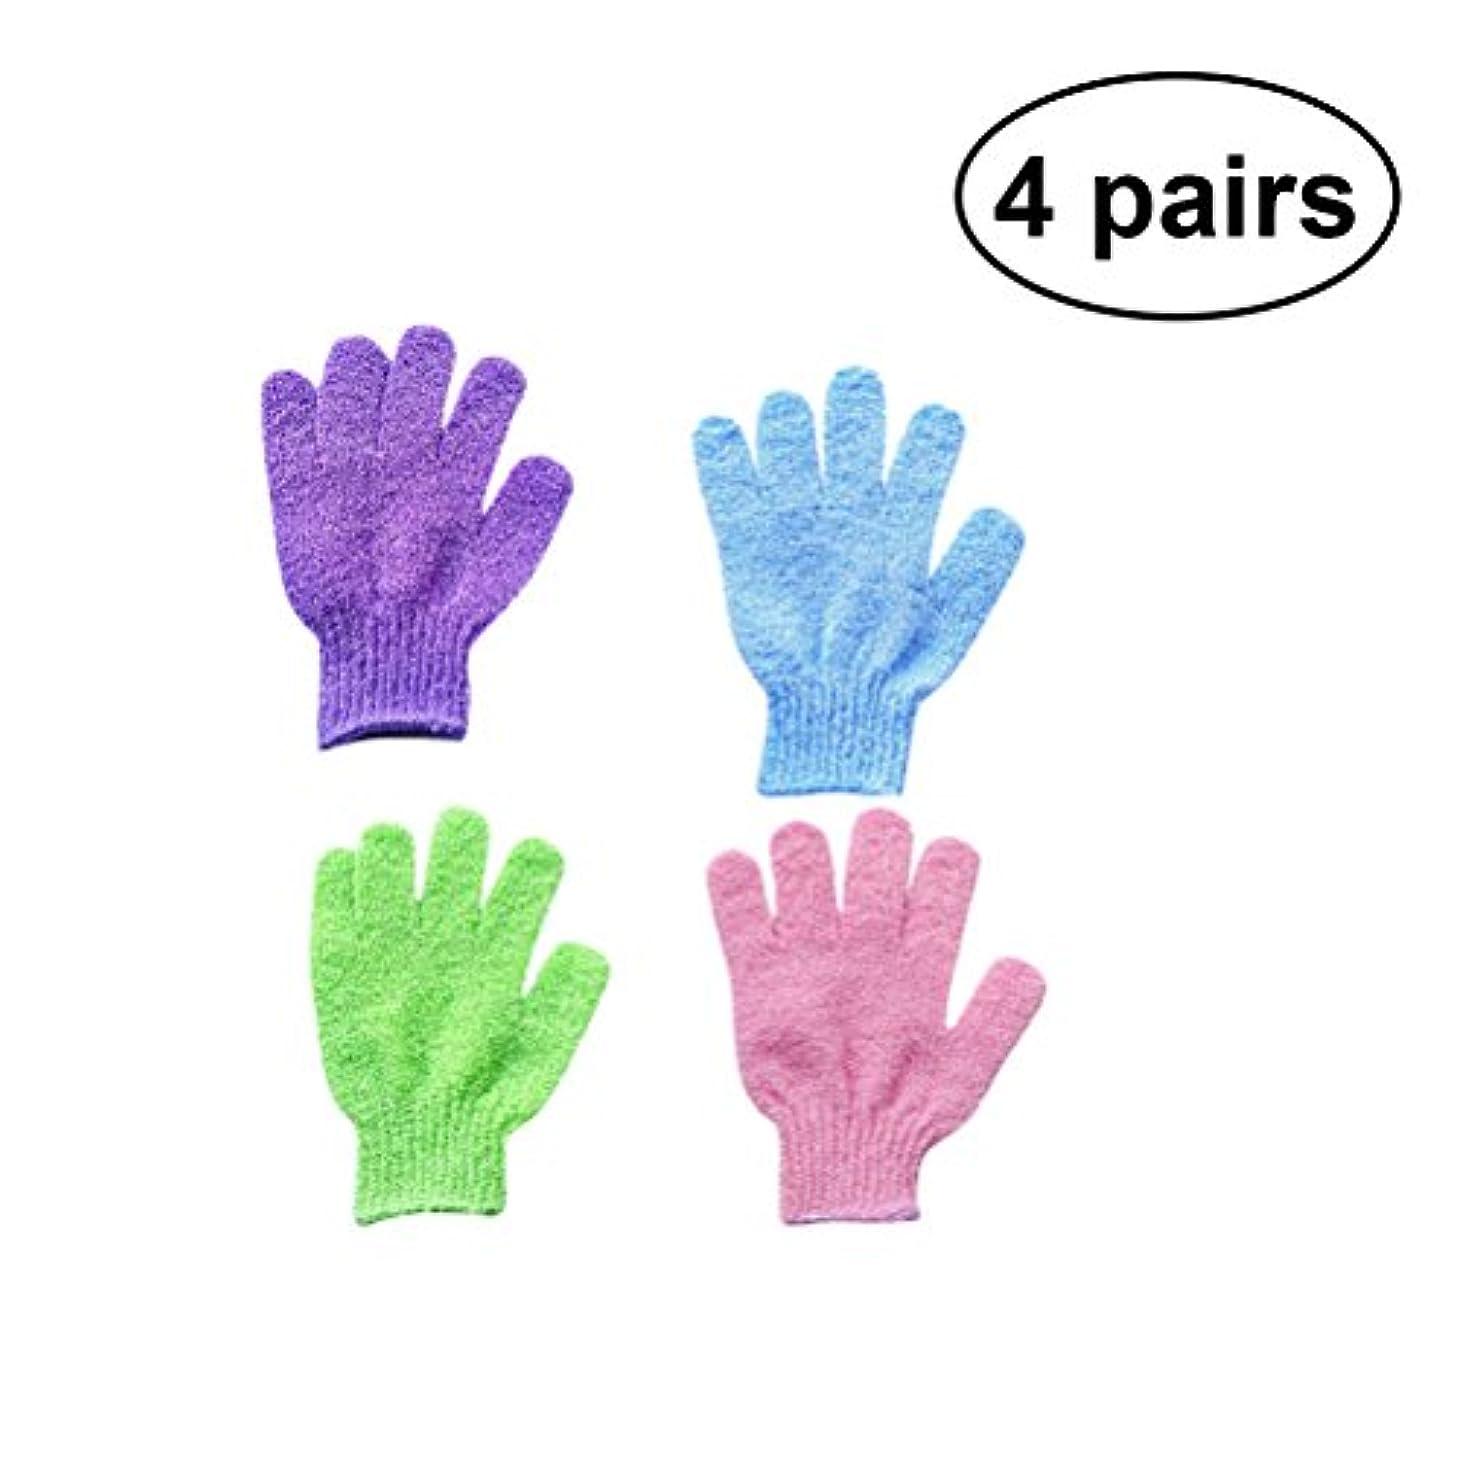 適度な隣接説明的Healifty 4 Pairs Exfoliating Bath Gloves Shower Mitts Exfoliating Body Spa Massage Dead Skin Cell Remover